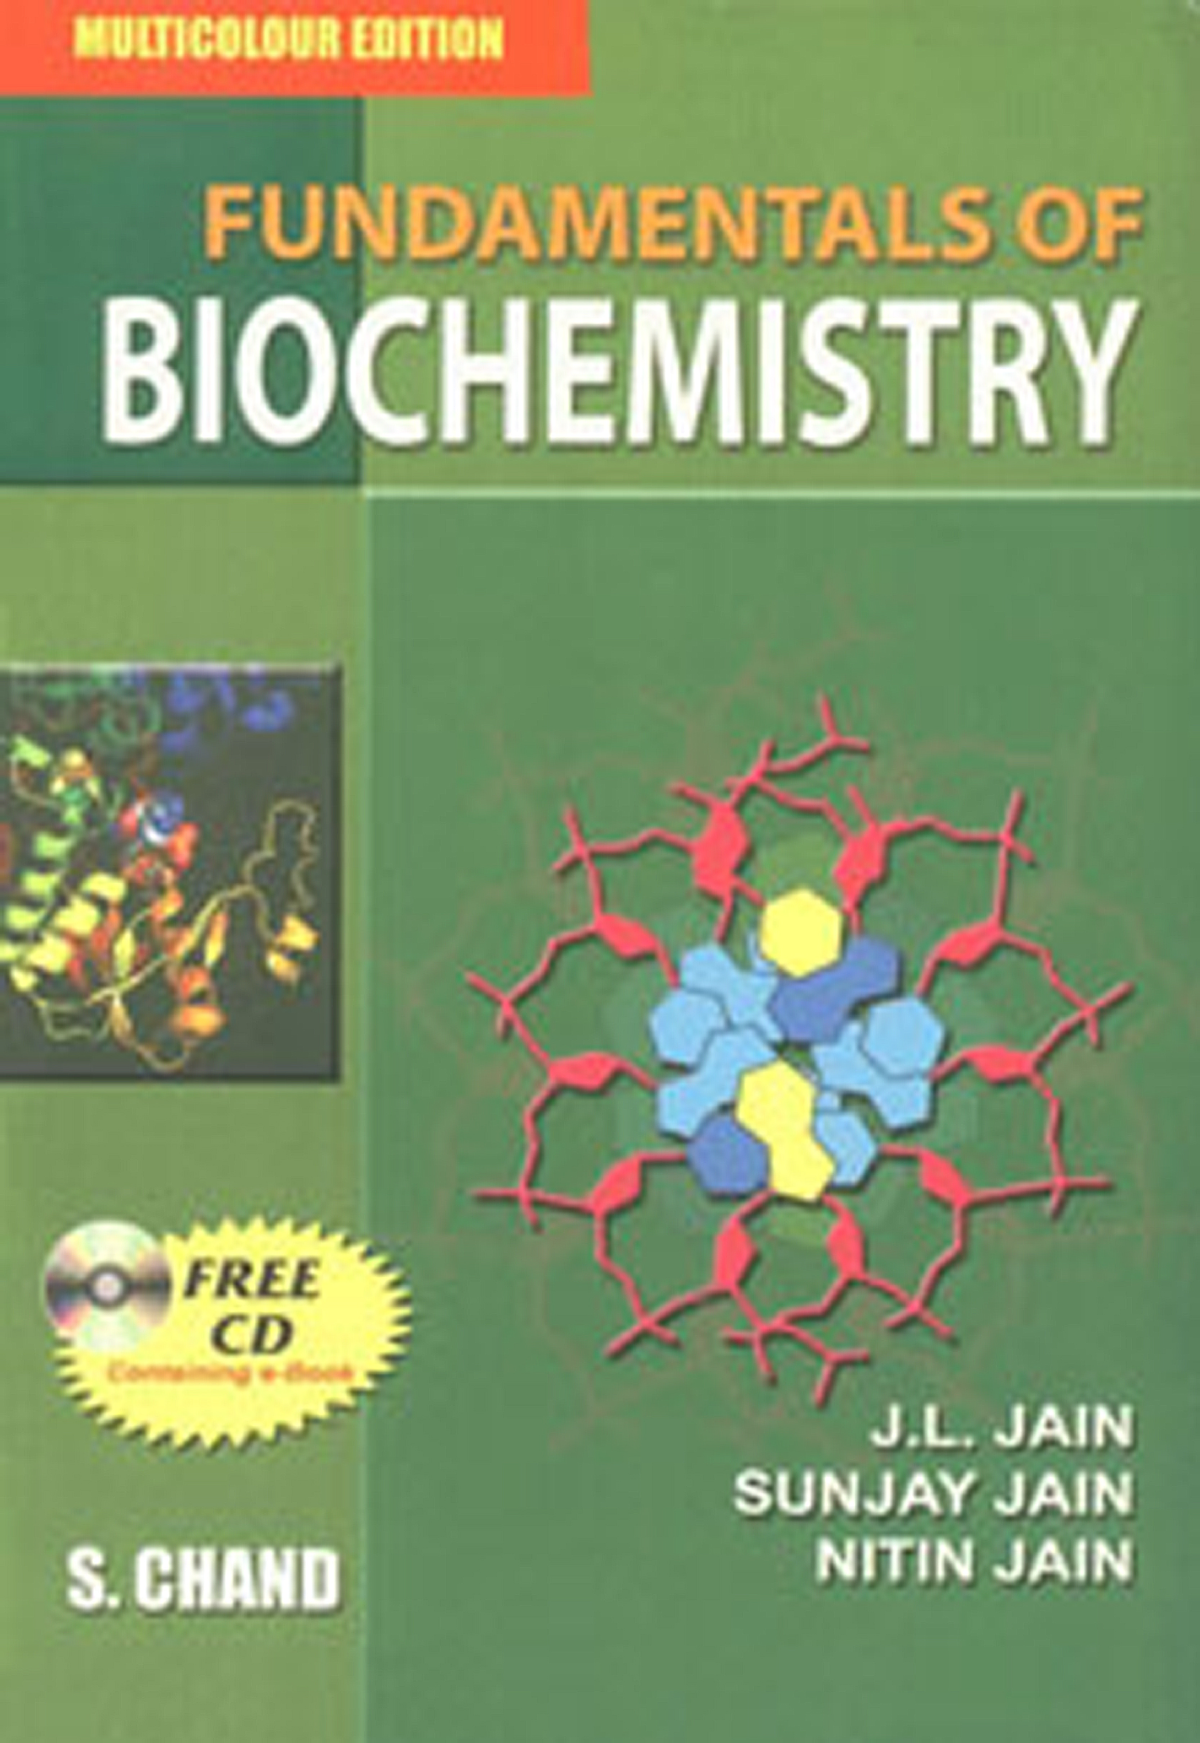 238738376 Fundamentals of Biochemistry J L jain 6th Edn 2005 - StuDocu